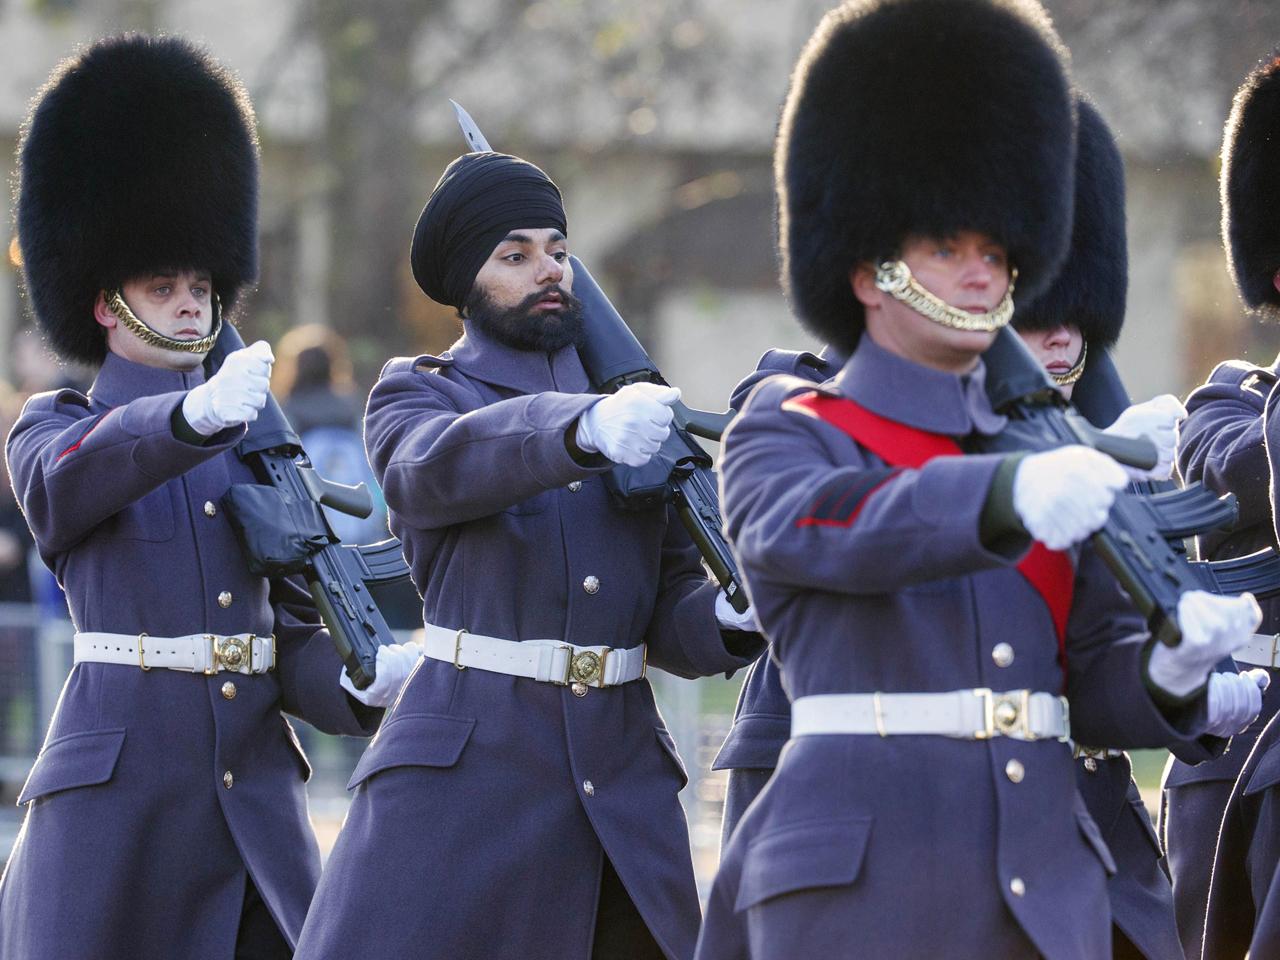 Buckingham in bearskin hats – Alien Manuscript by Diabolic |Buckingham Palace Guards Hats